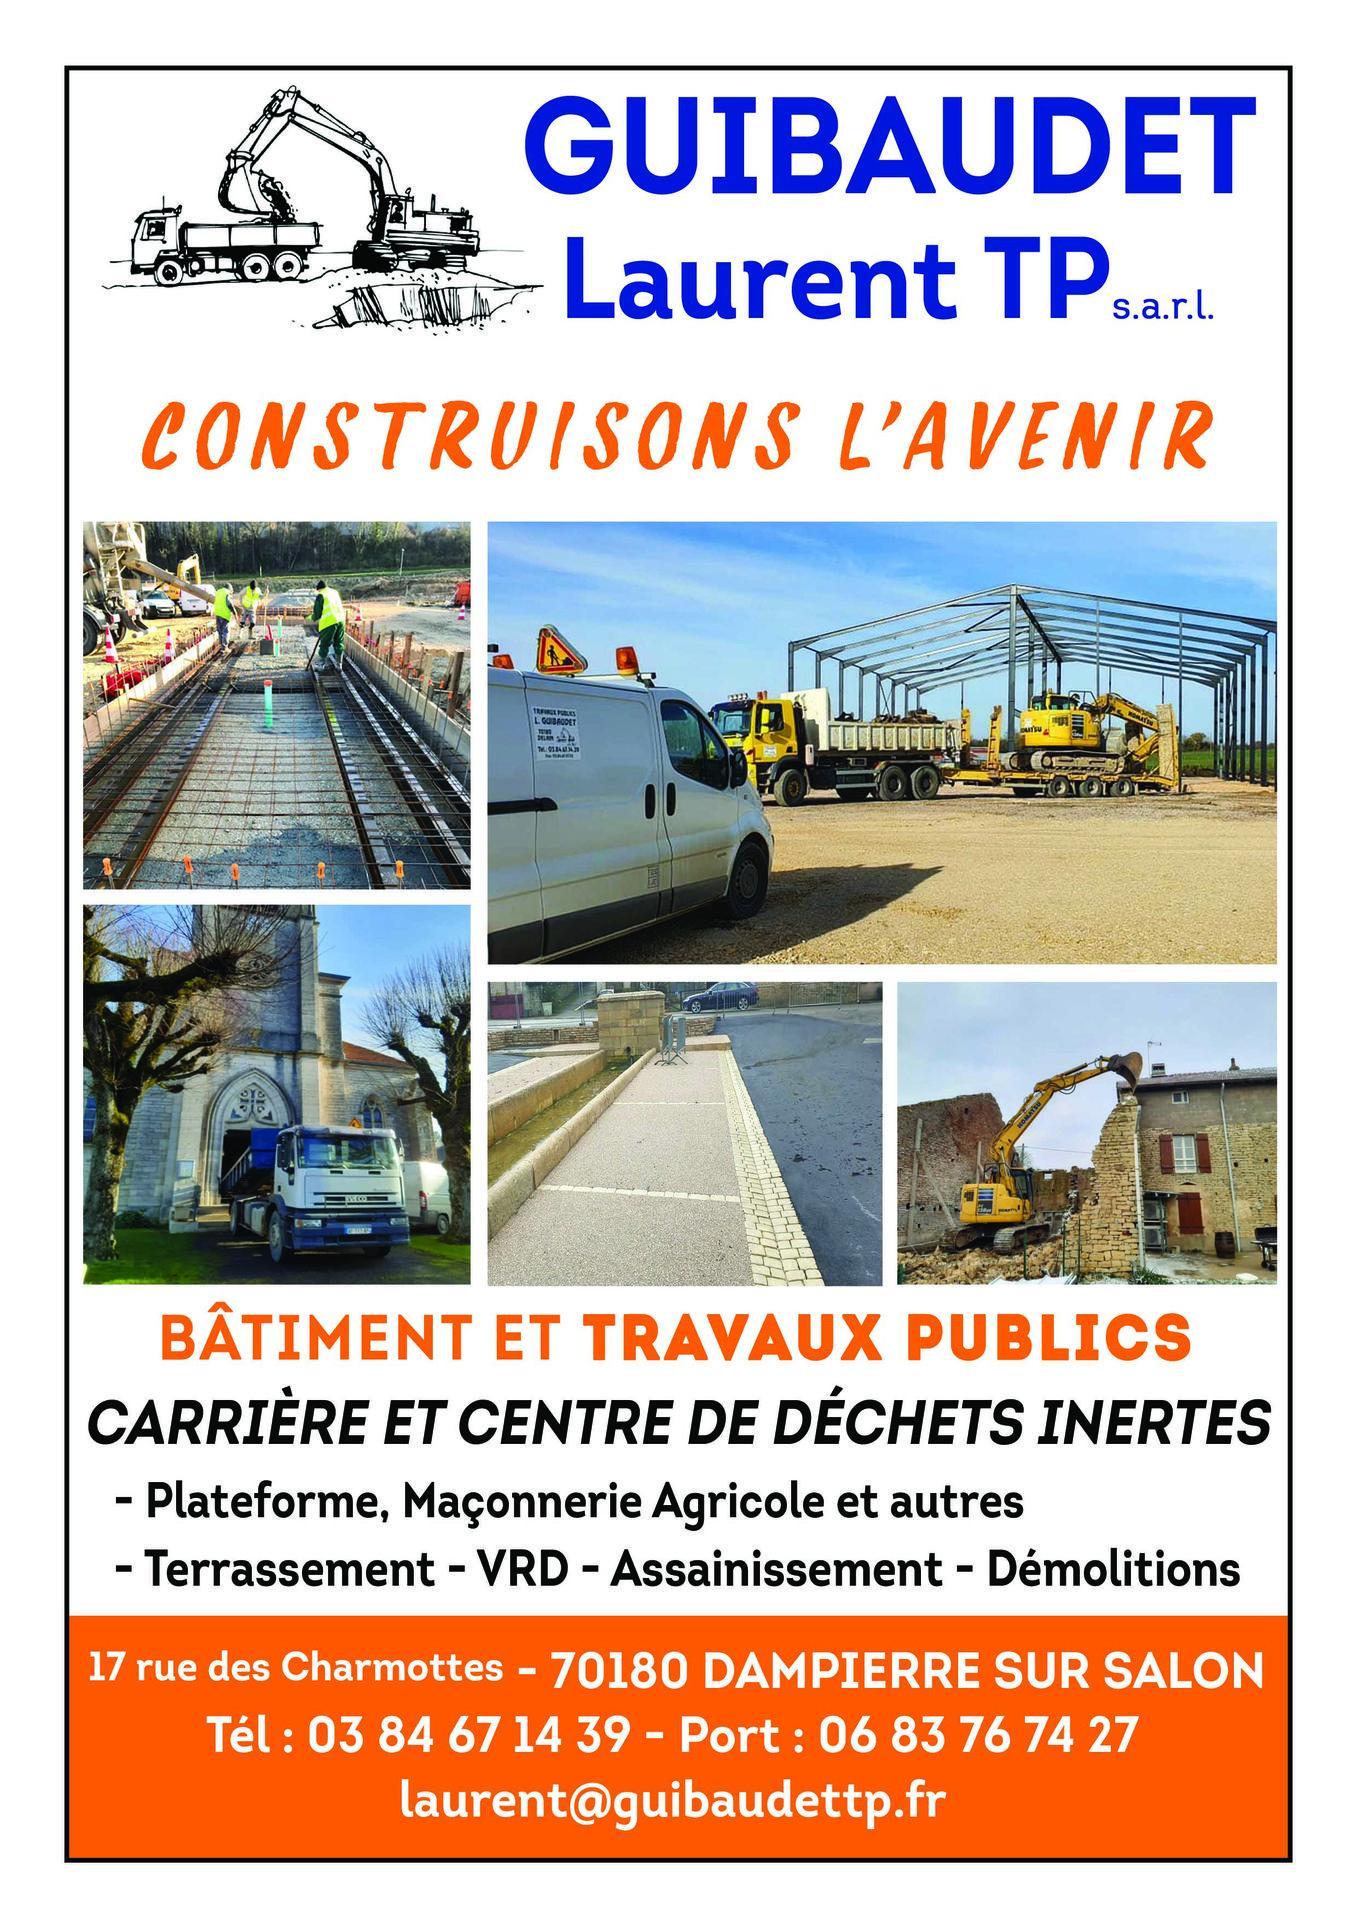 Laurent Guibaudet T.p. Dampierre Sur Salon